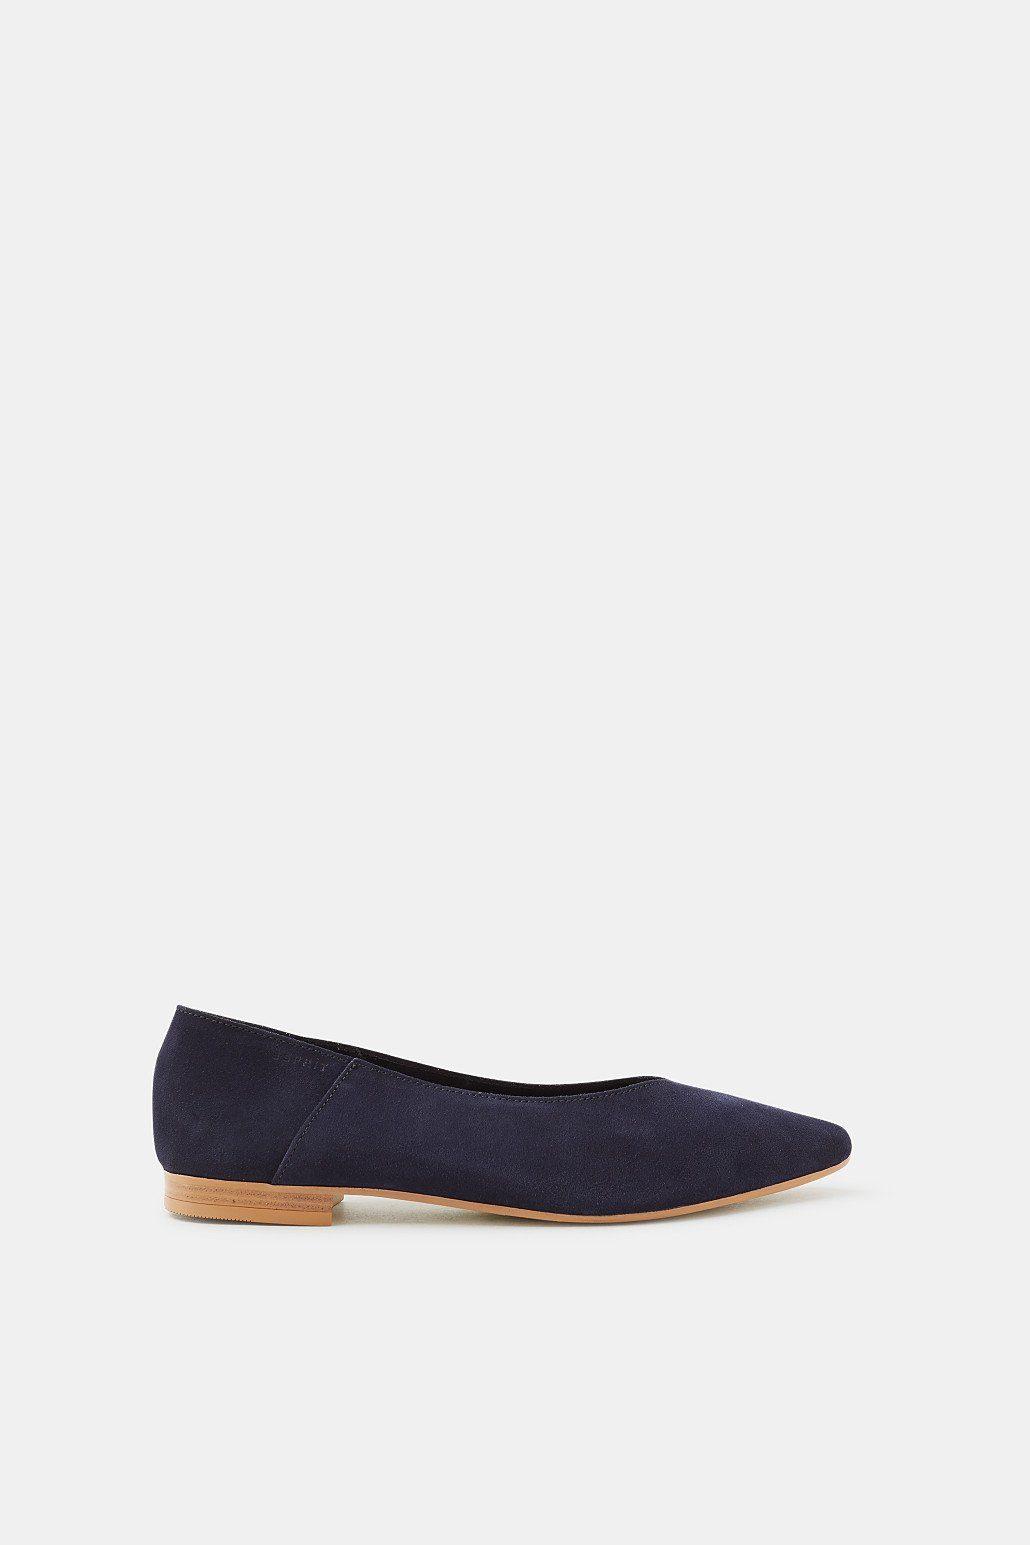 Esprit Slipper aus softem Veloursleder für Damen, Größe 40, Navy